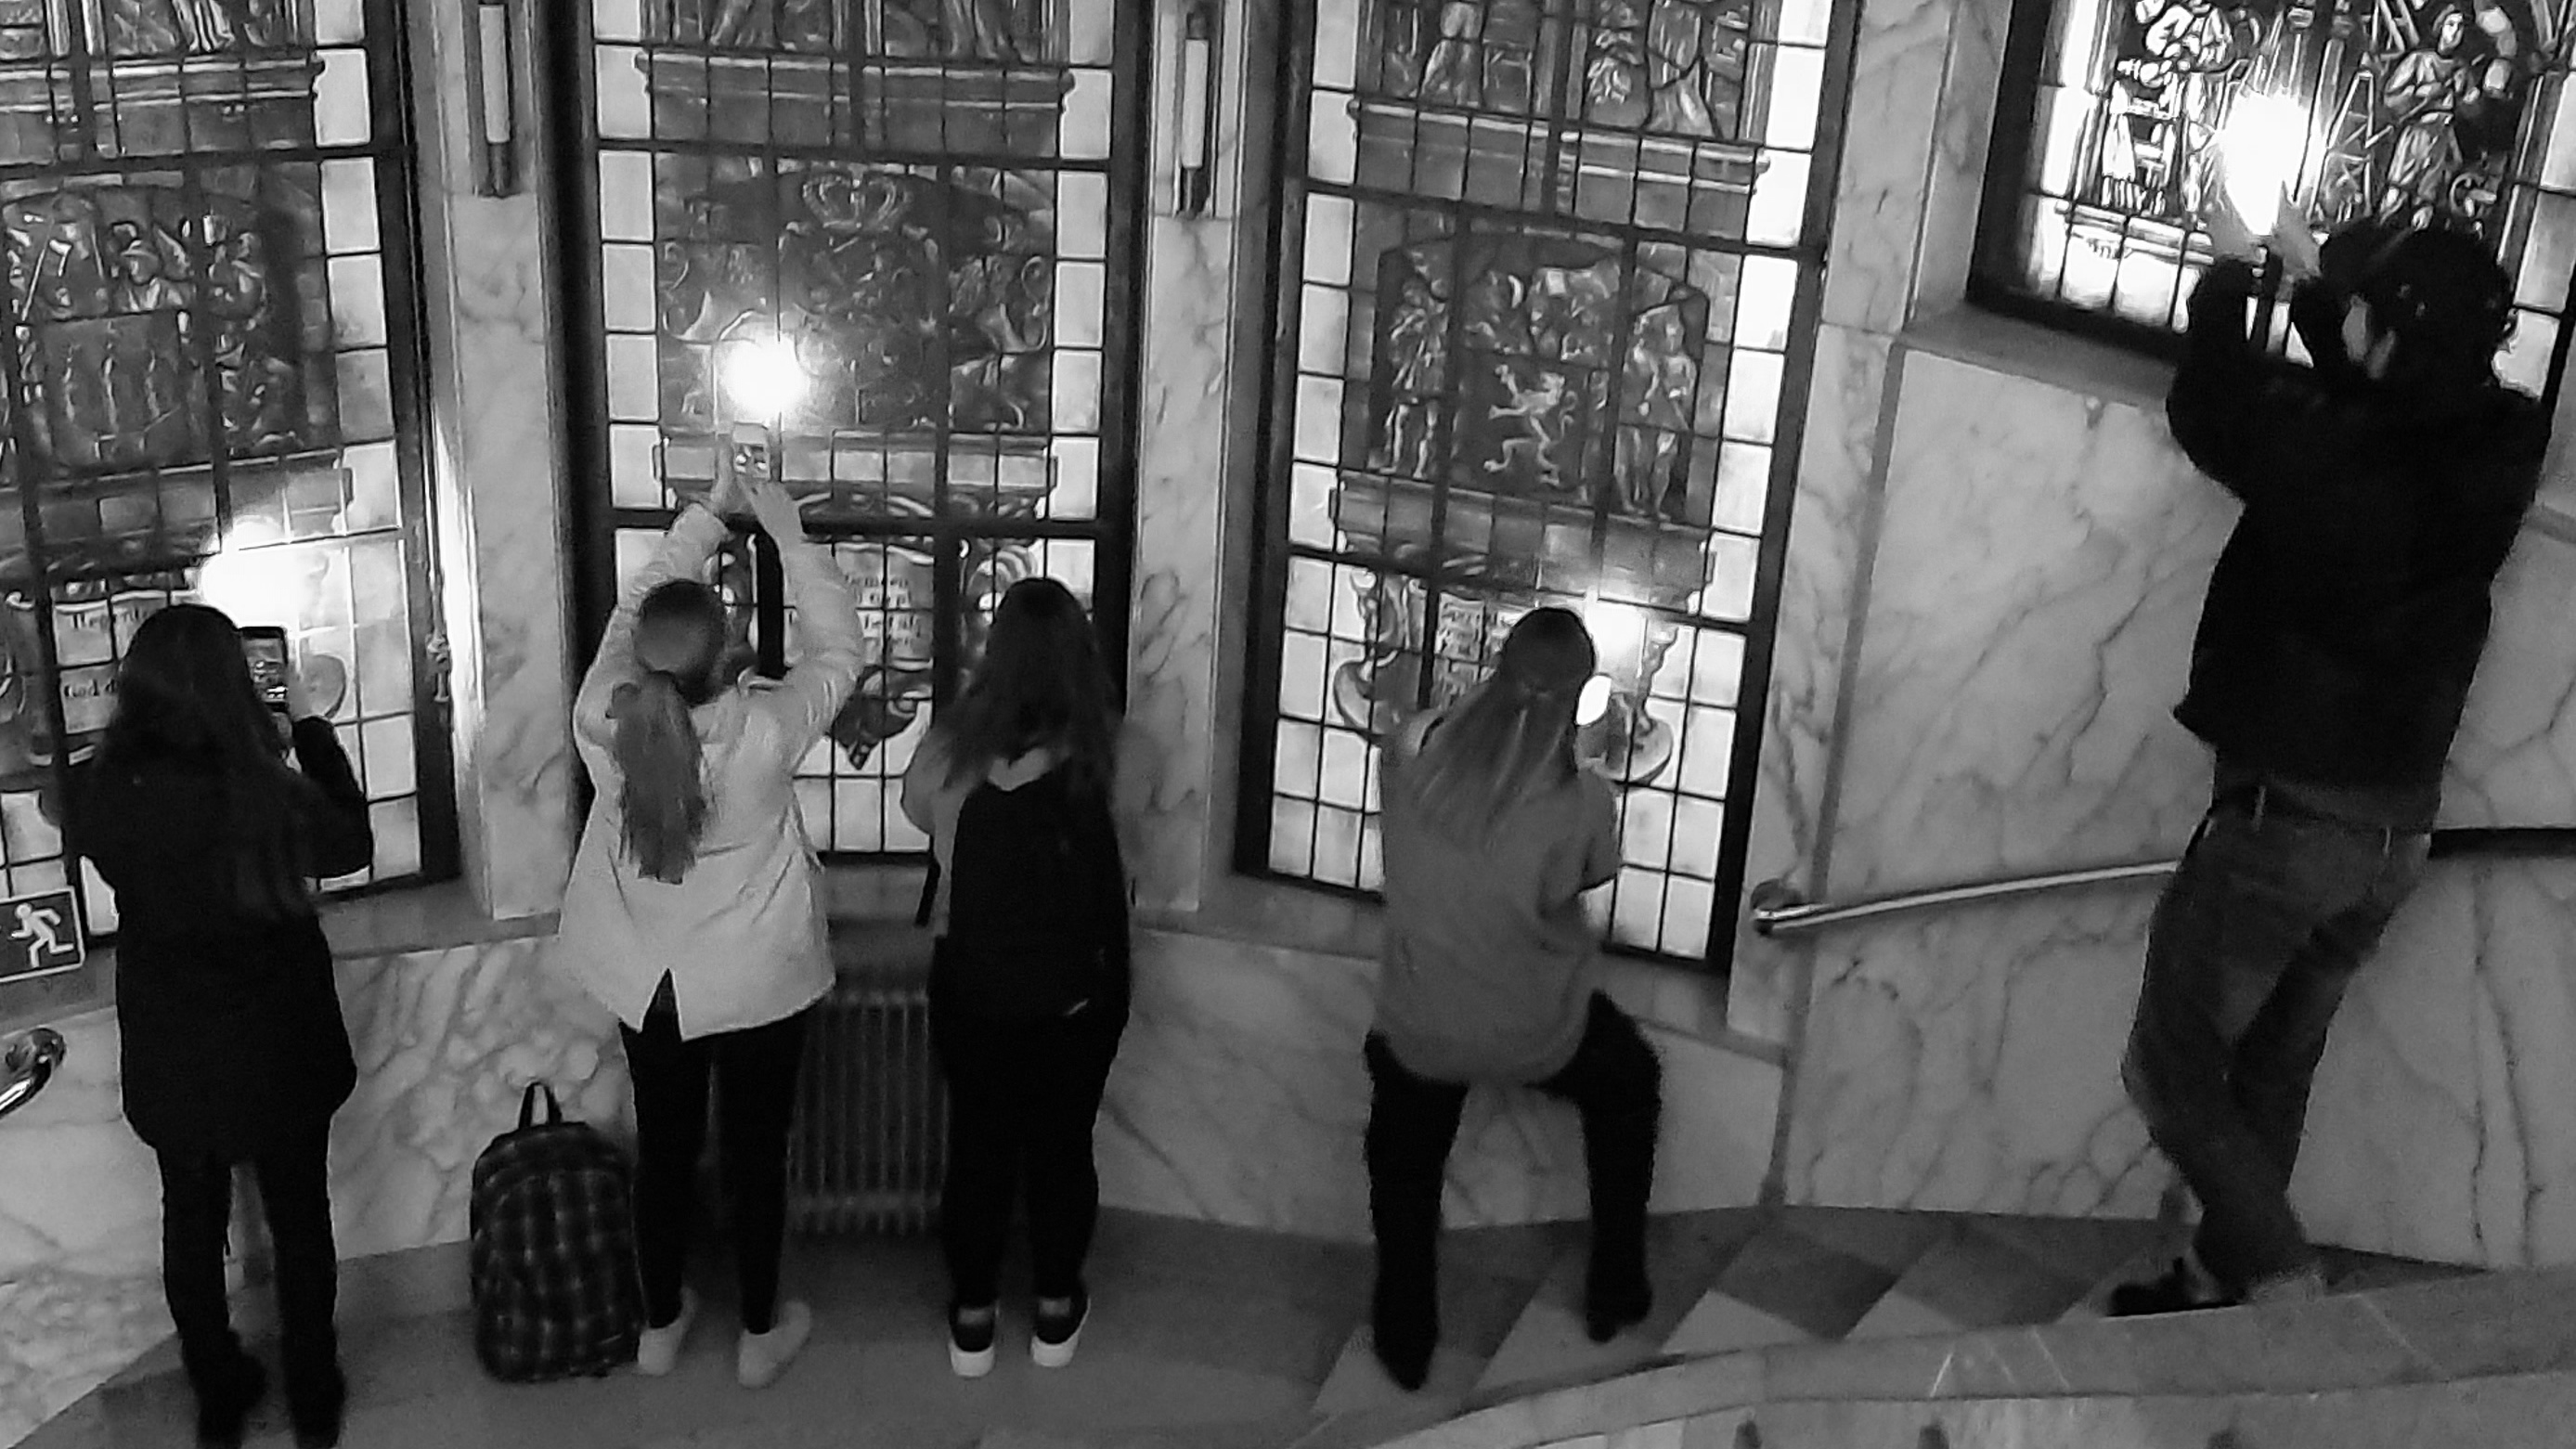 Studenten maken foto's van glas-in-lood in Paleis.